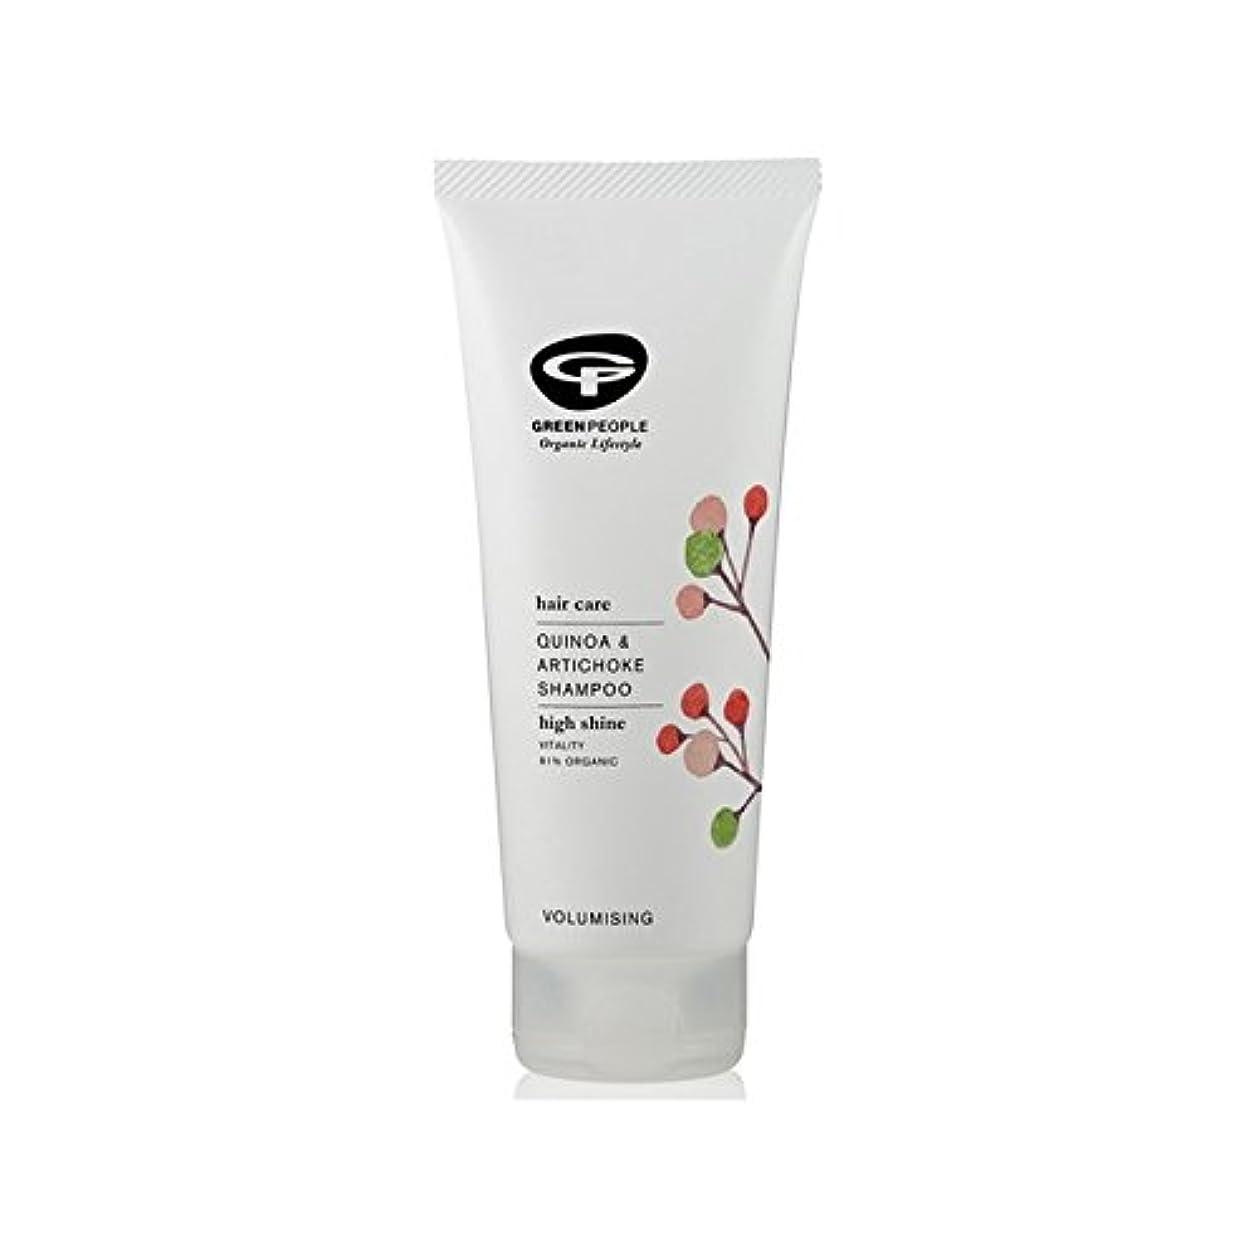 放牧するプロジェクタースイ緑の人のキノア&アーティチョークシャンプー(200ミリリットル) x4 - Green People Quinoa & Artichoke Shampoo (200ml) (Pack of 4) [並行輸入品]